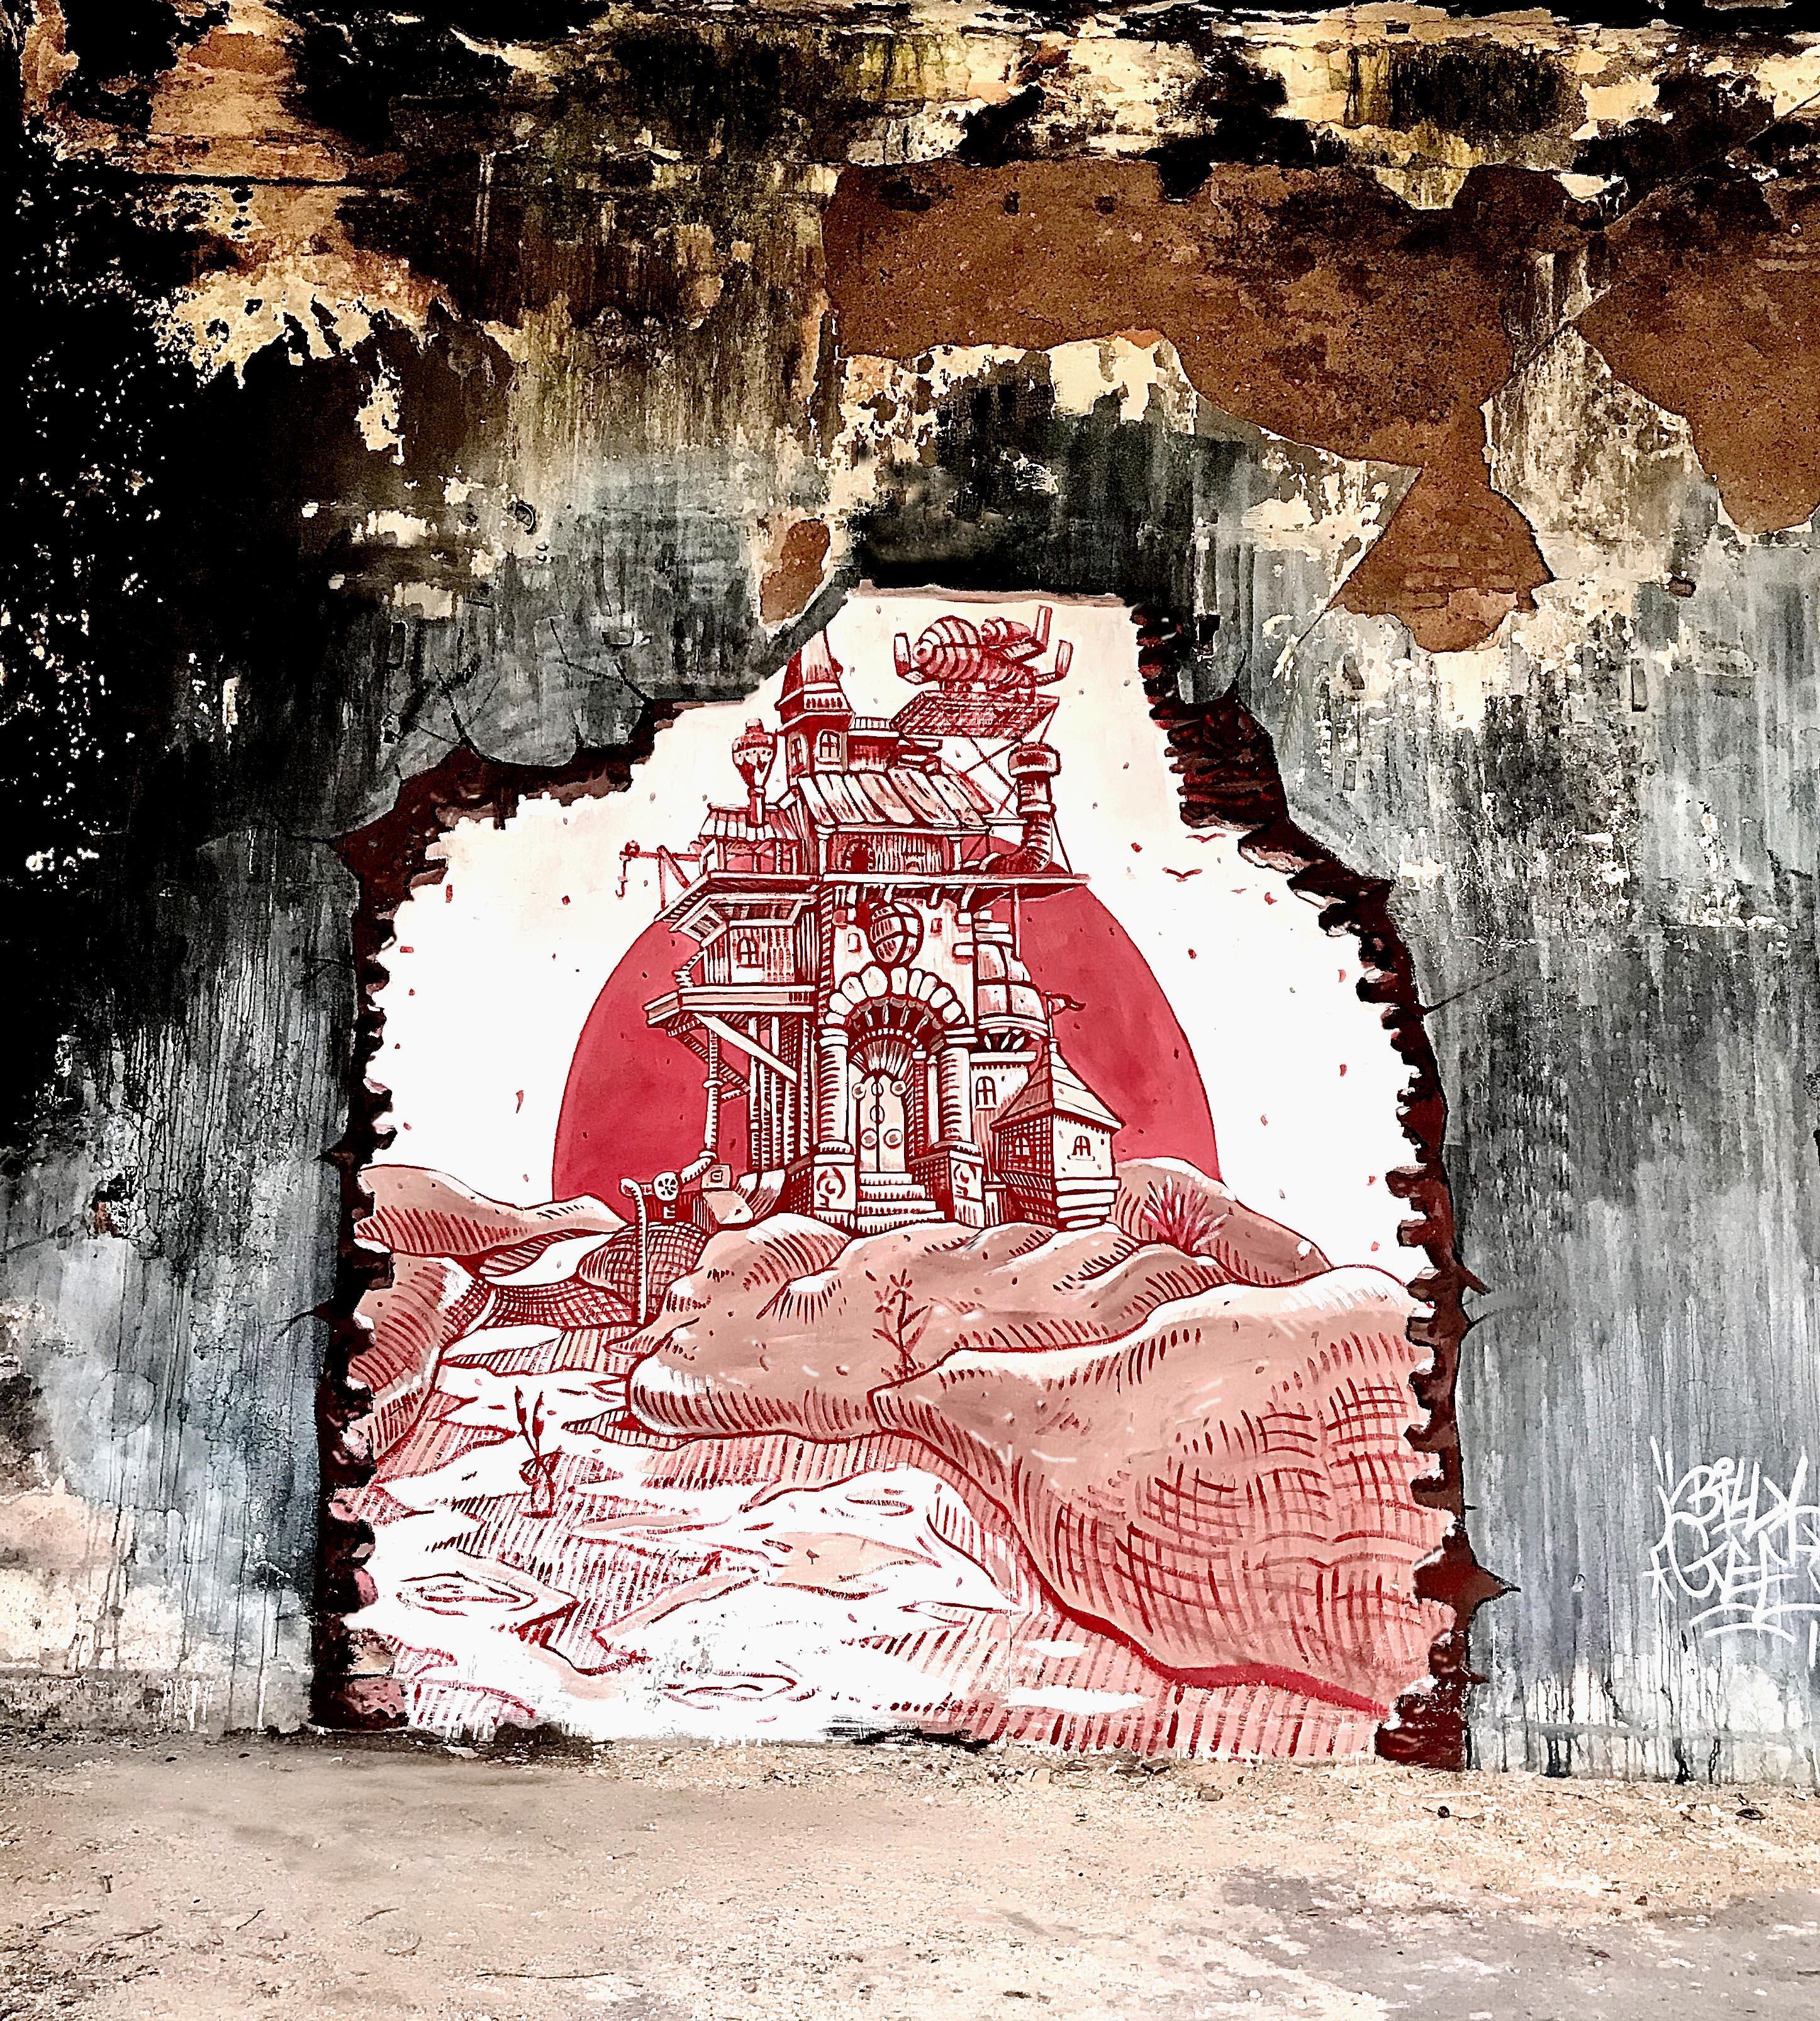 Billy Gee-An Urban Artist